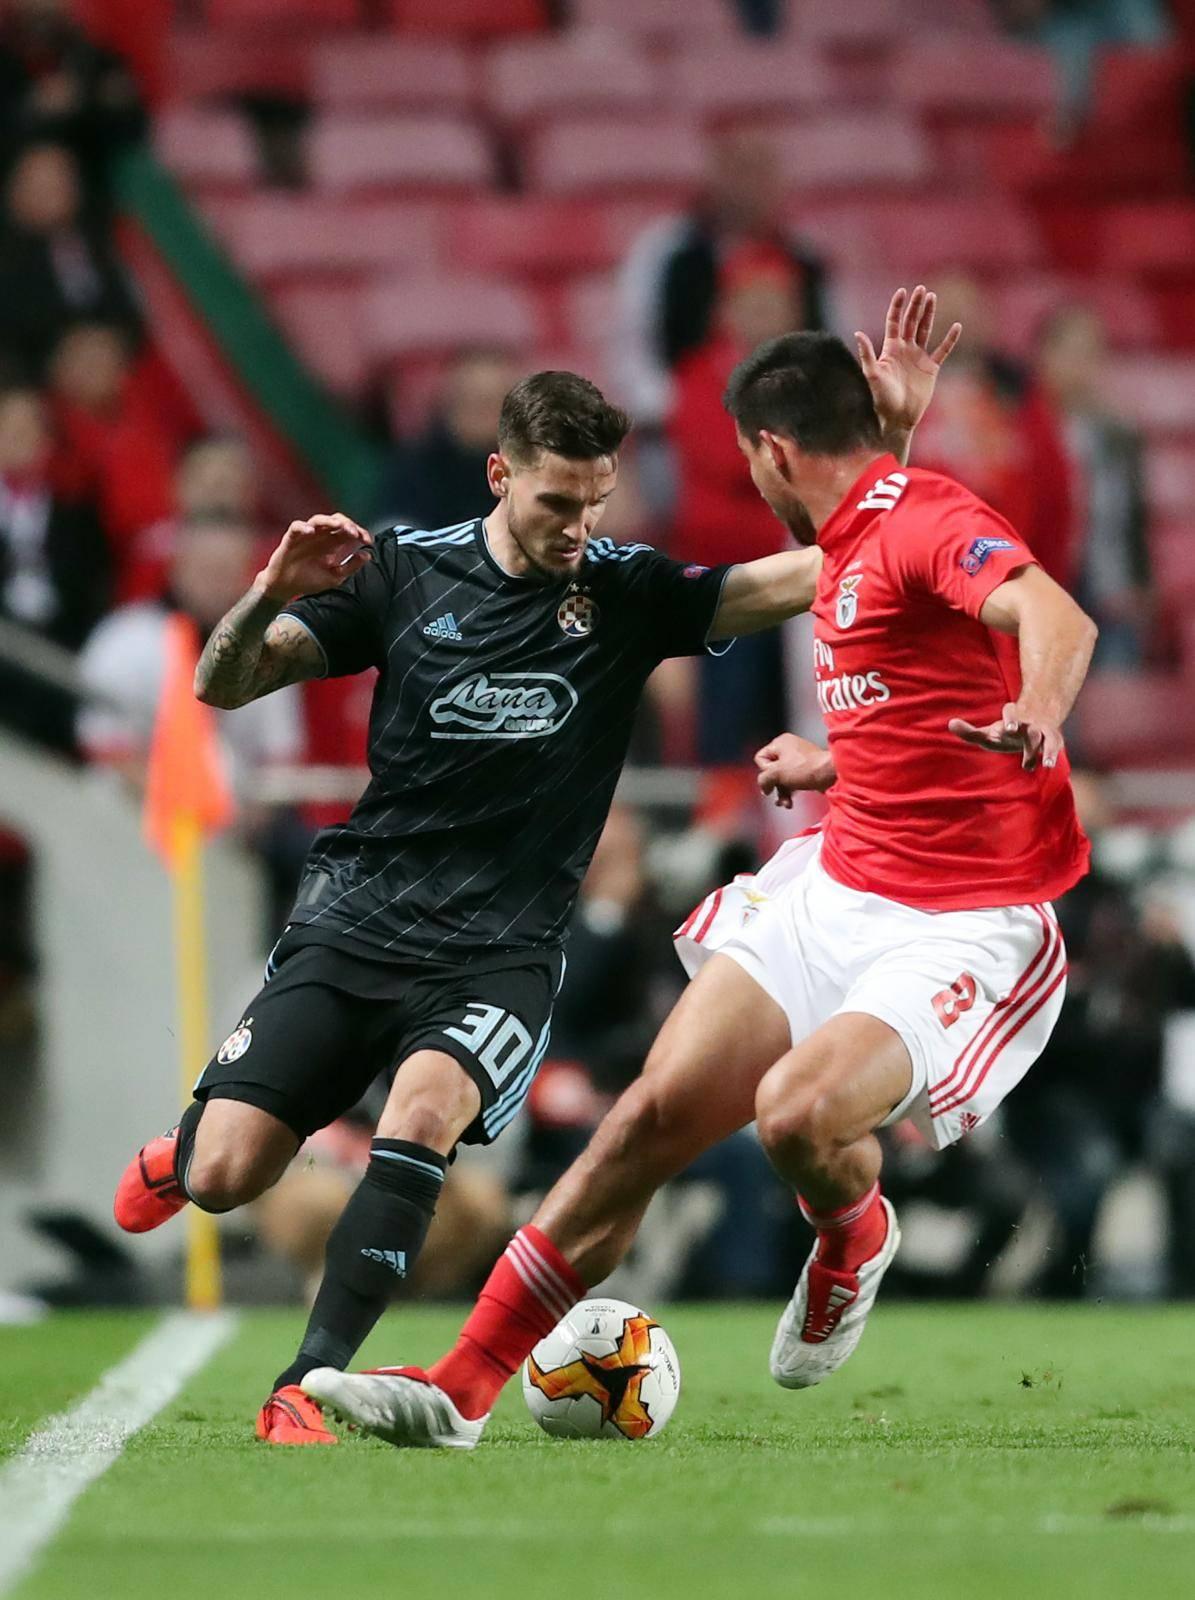 Lisabon: Benfica i Dinamo u uzvratnoj utakmici osmine finala Europske lige